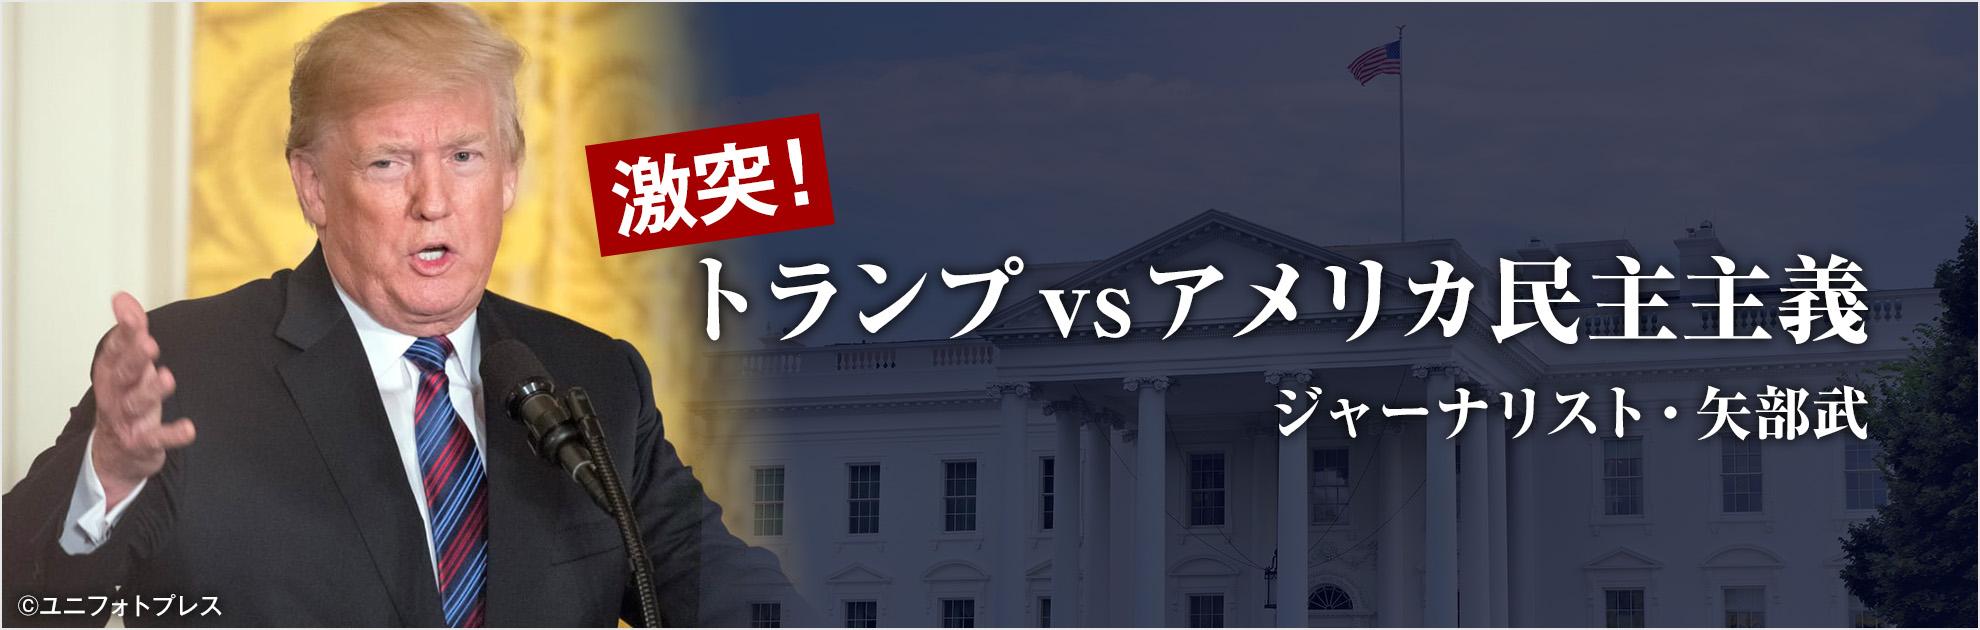 シリーズ 米国ニュース解説「トランプ弾劾・解任への道」